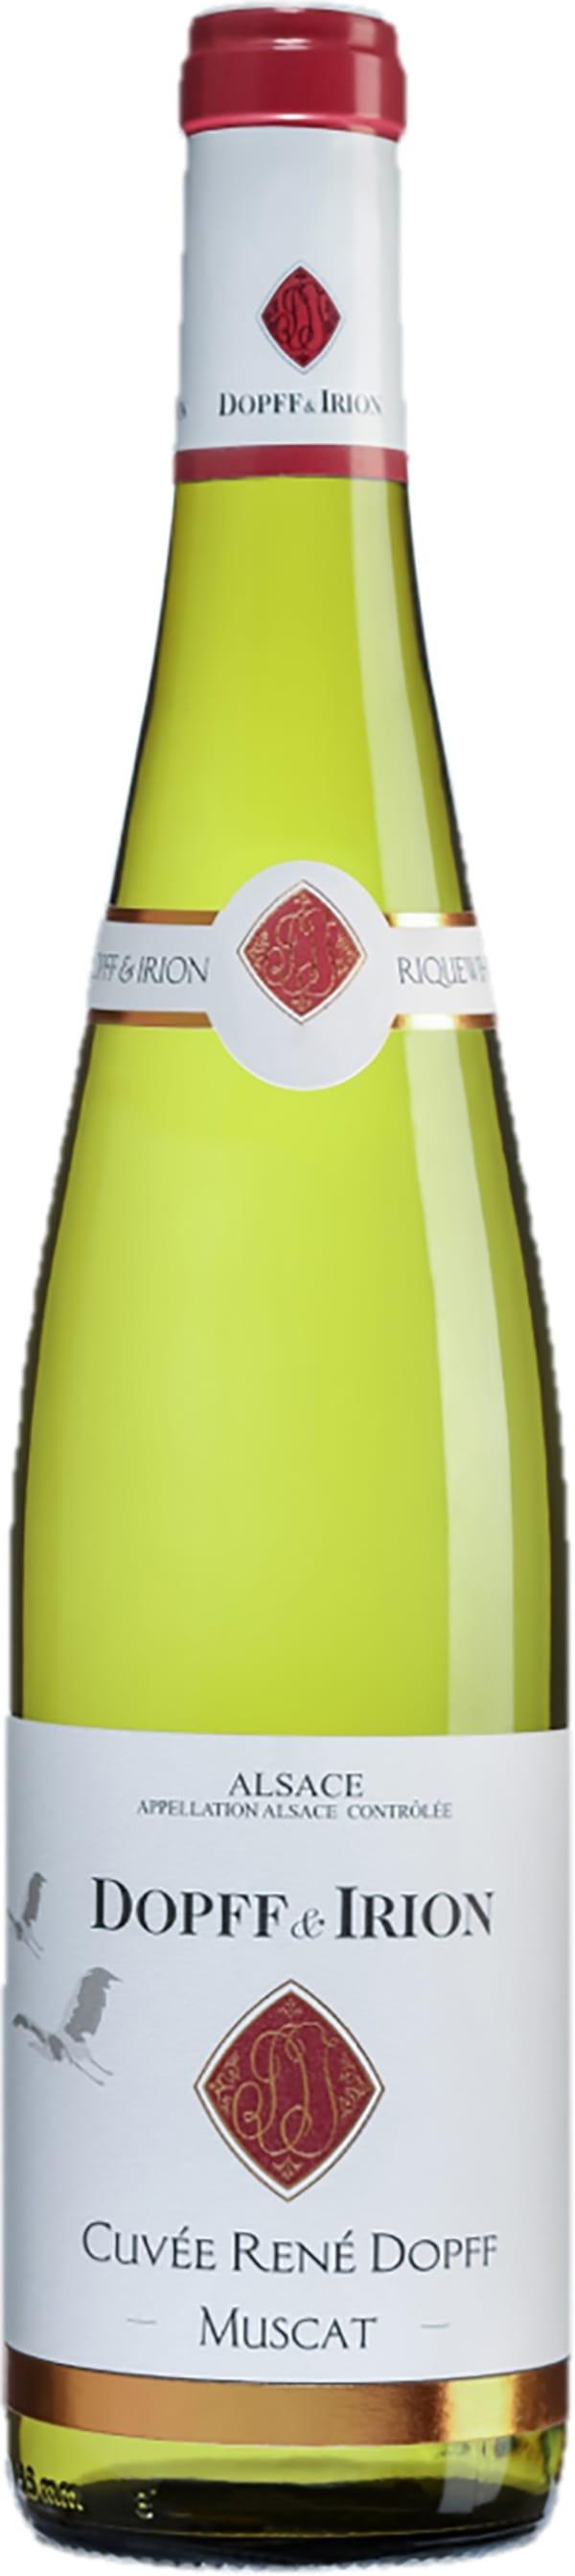 Dopff & Irion Cuvée René Dopff Muscat 2016